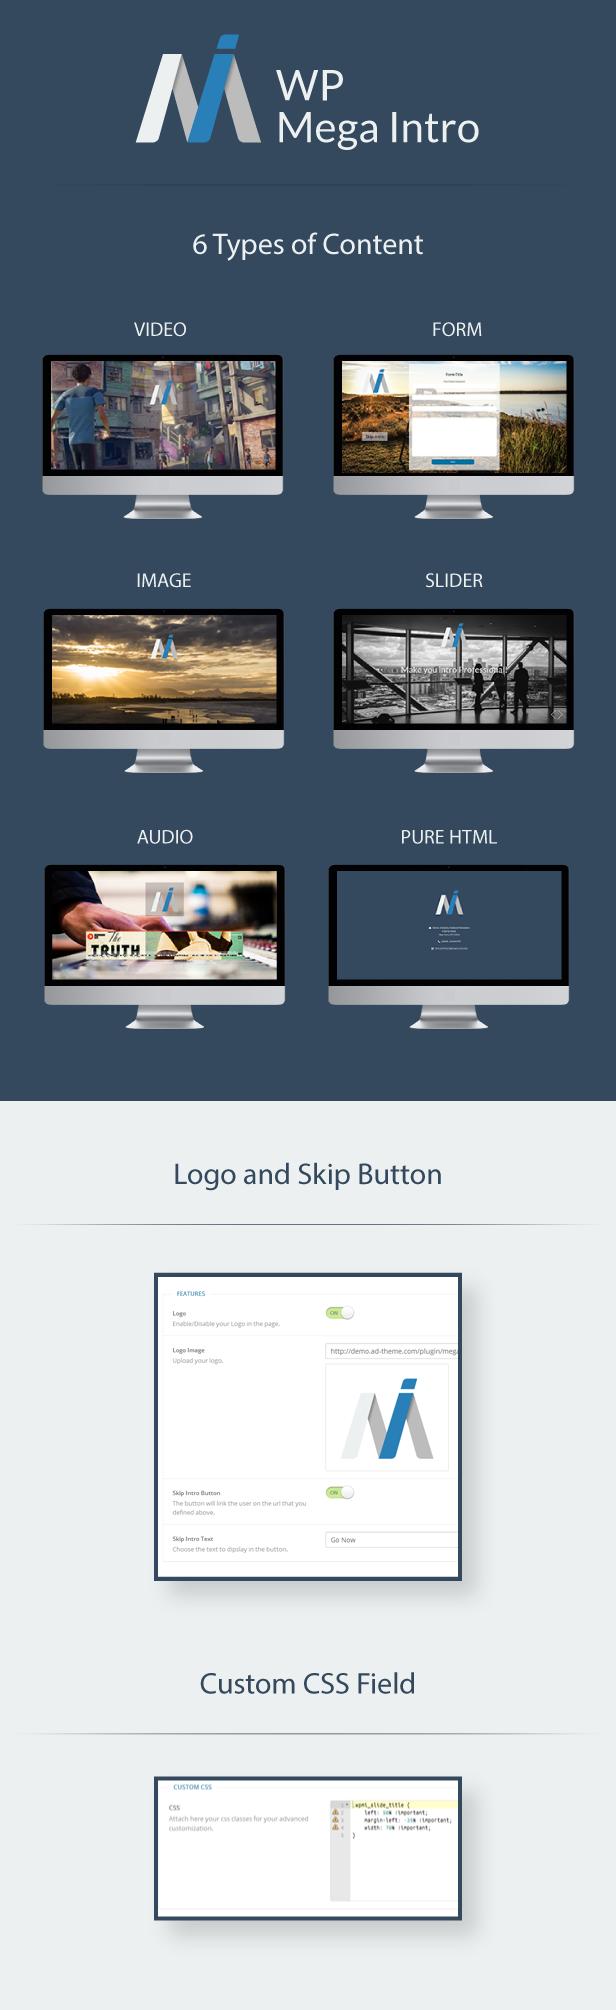 WP Mega Intro Amazing Intro Pages for WP Amazing